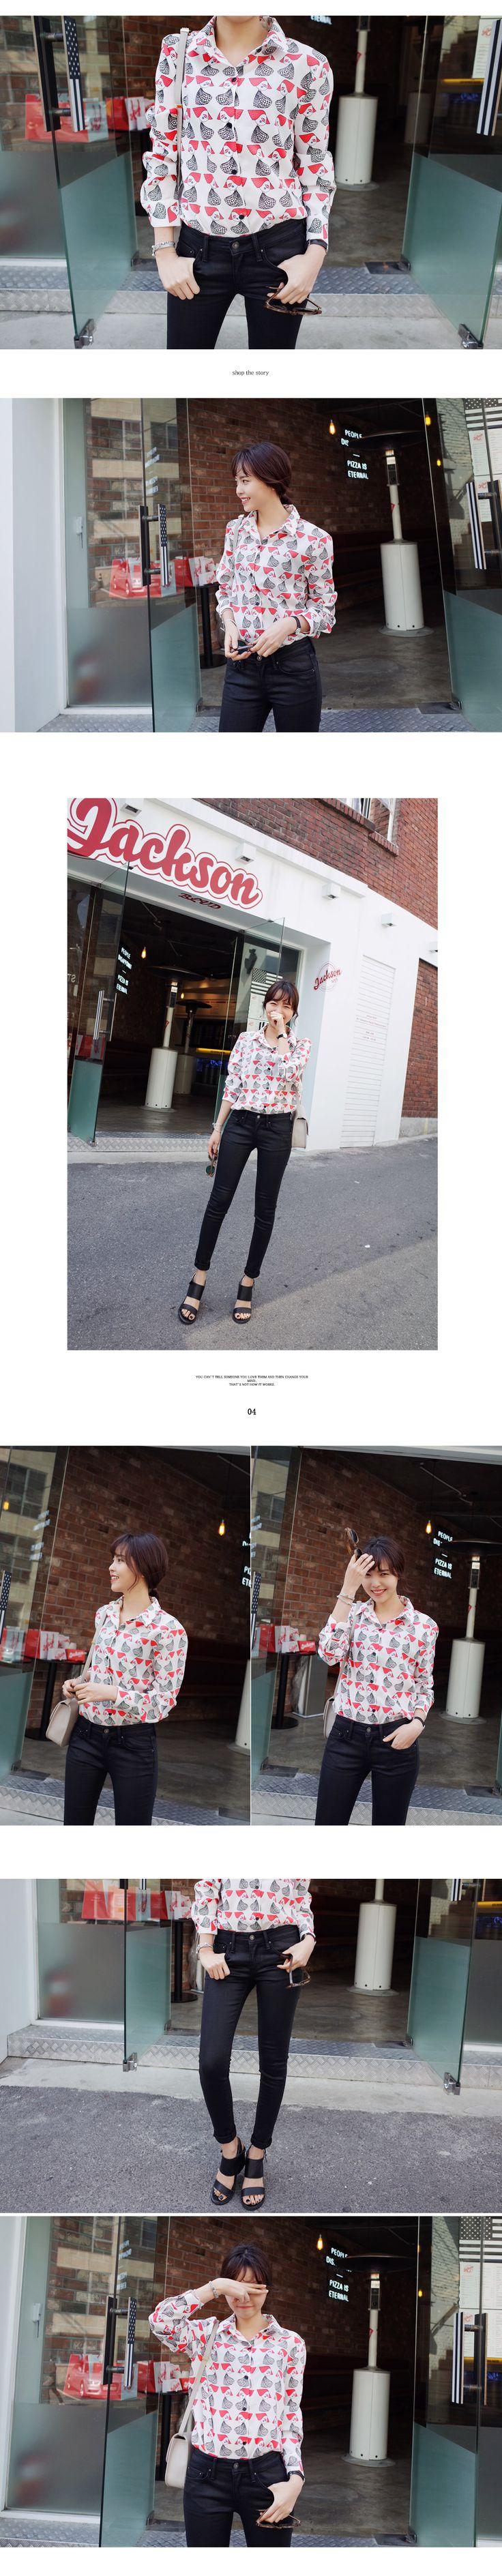 ユニーク柄コットンシャツ・全2色シャツ・ブラウスシャツ|レディースファッション通販 DHOLICディーホリック [ファストファッション 水着 ワンピース]